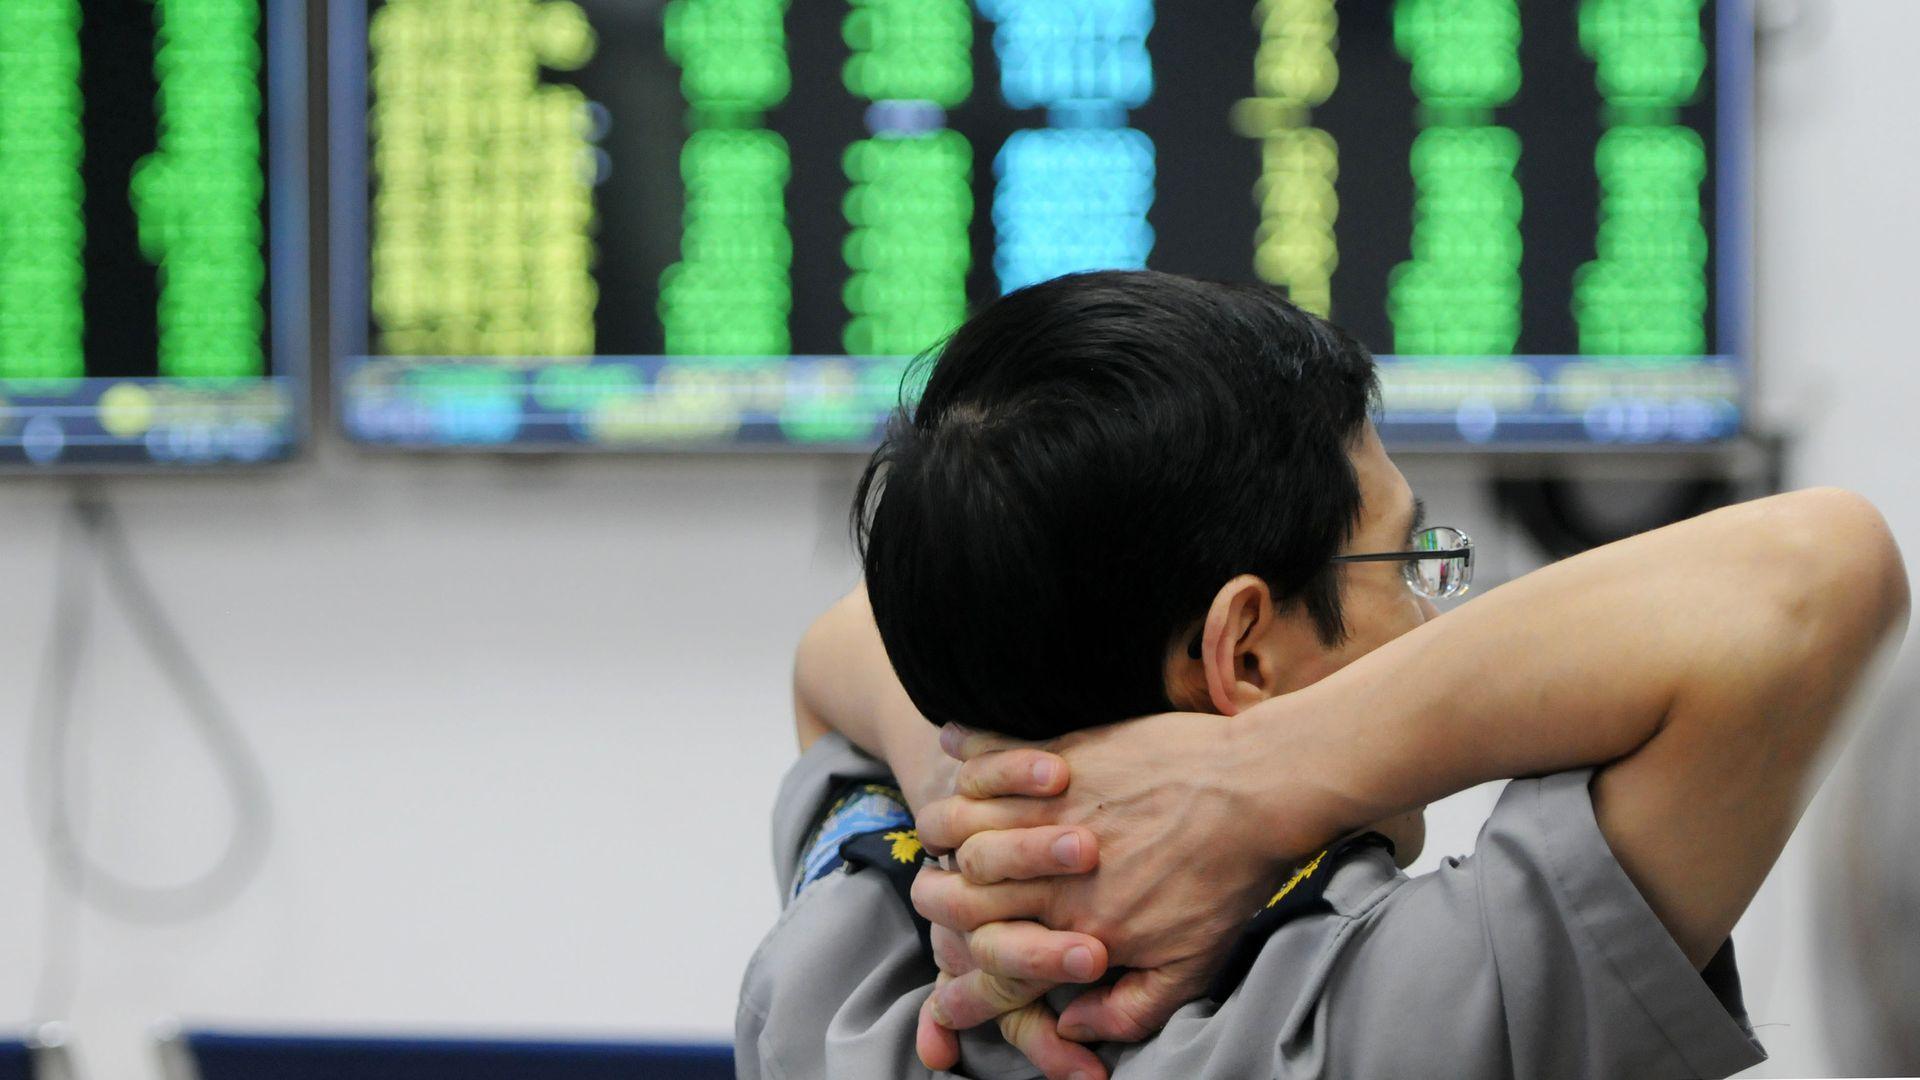 A security guard watching China stocks plummet